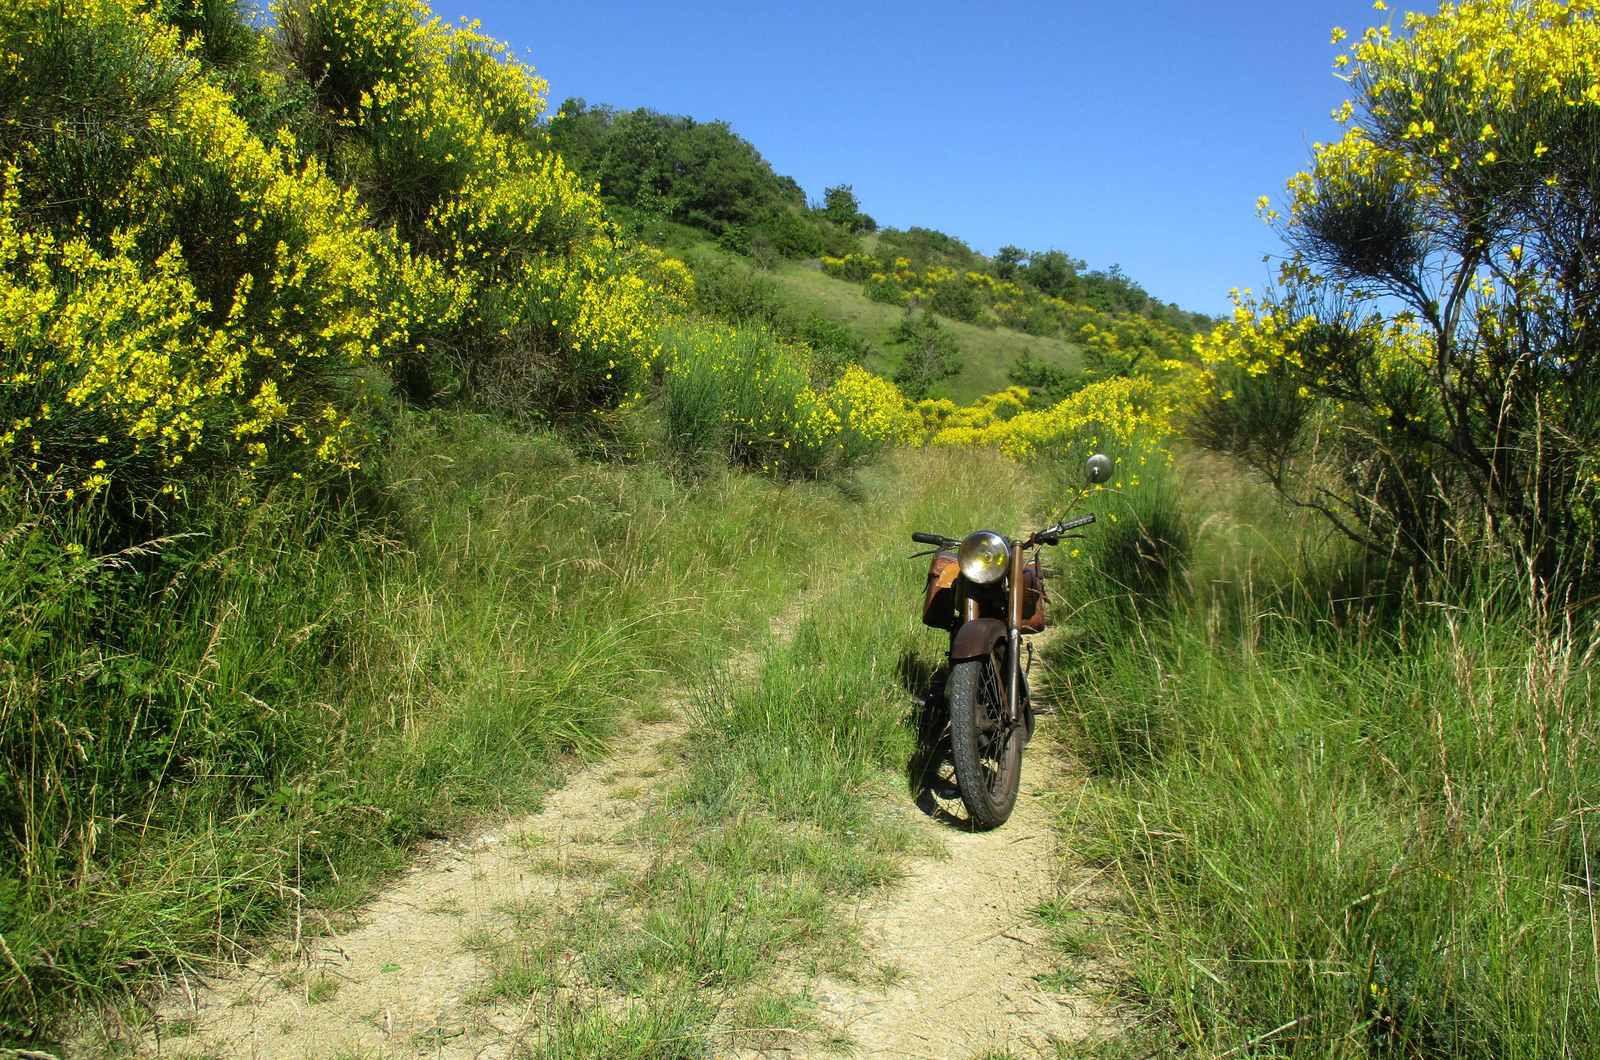 Il fait beau dans l'Aveyron ! Roulez vieilles motos !